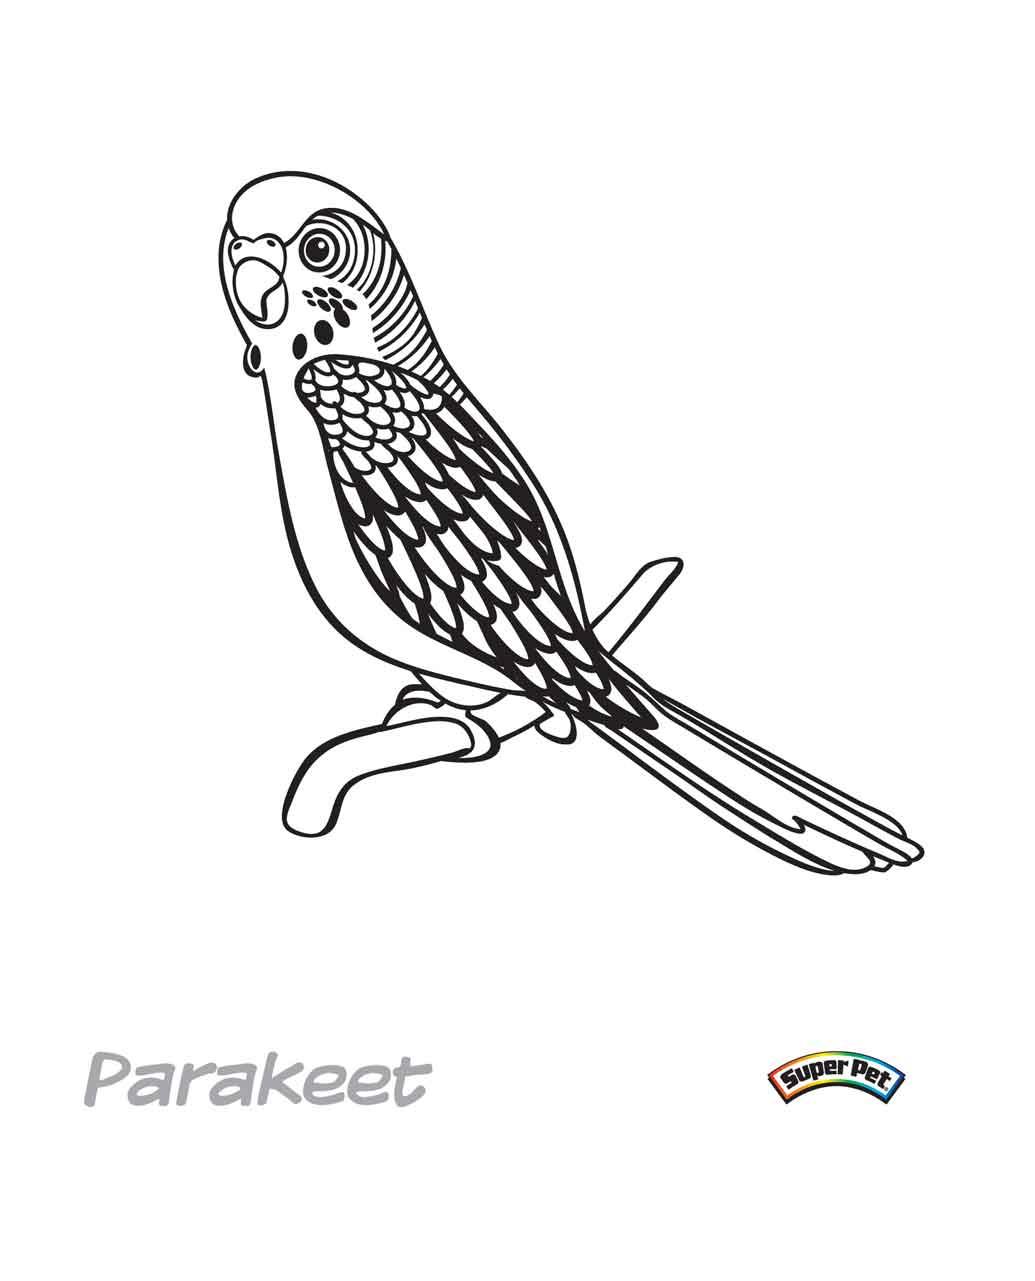 Parakeet Coloring Download Parakeet Coloring